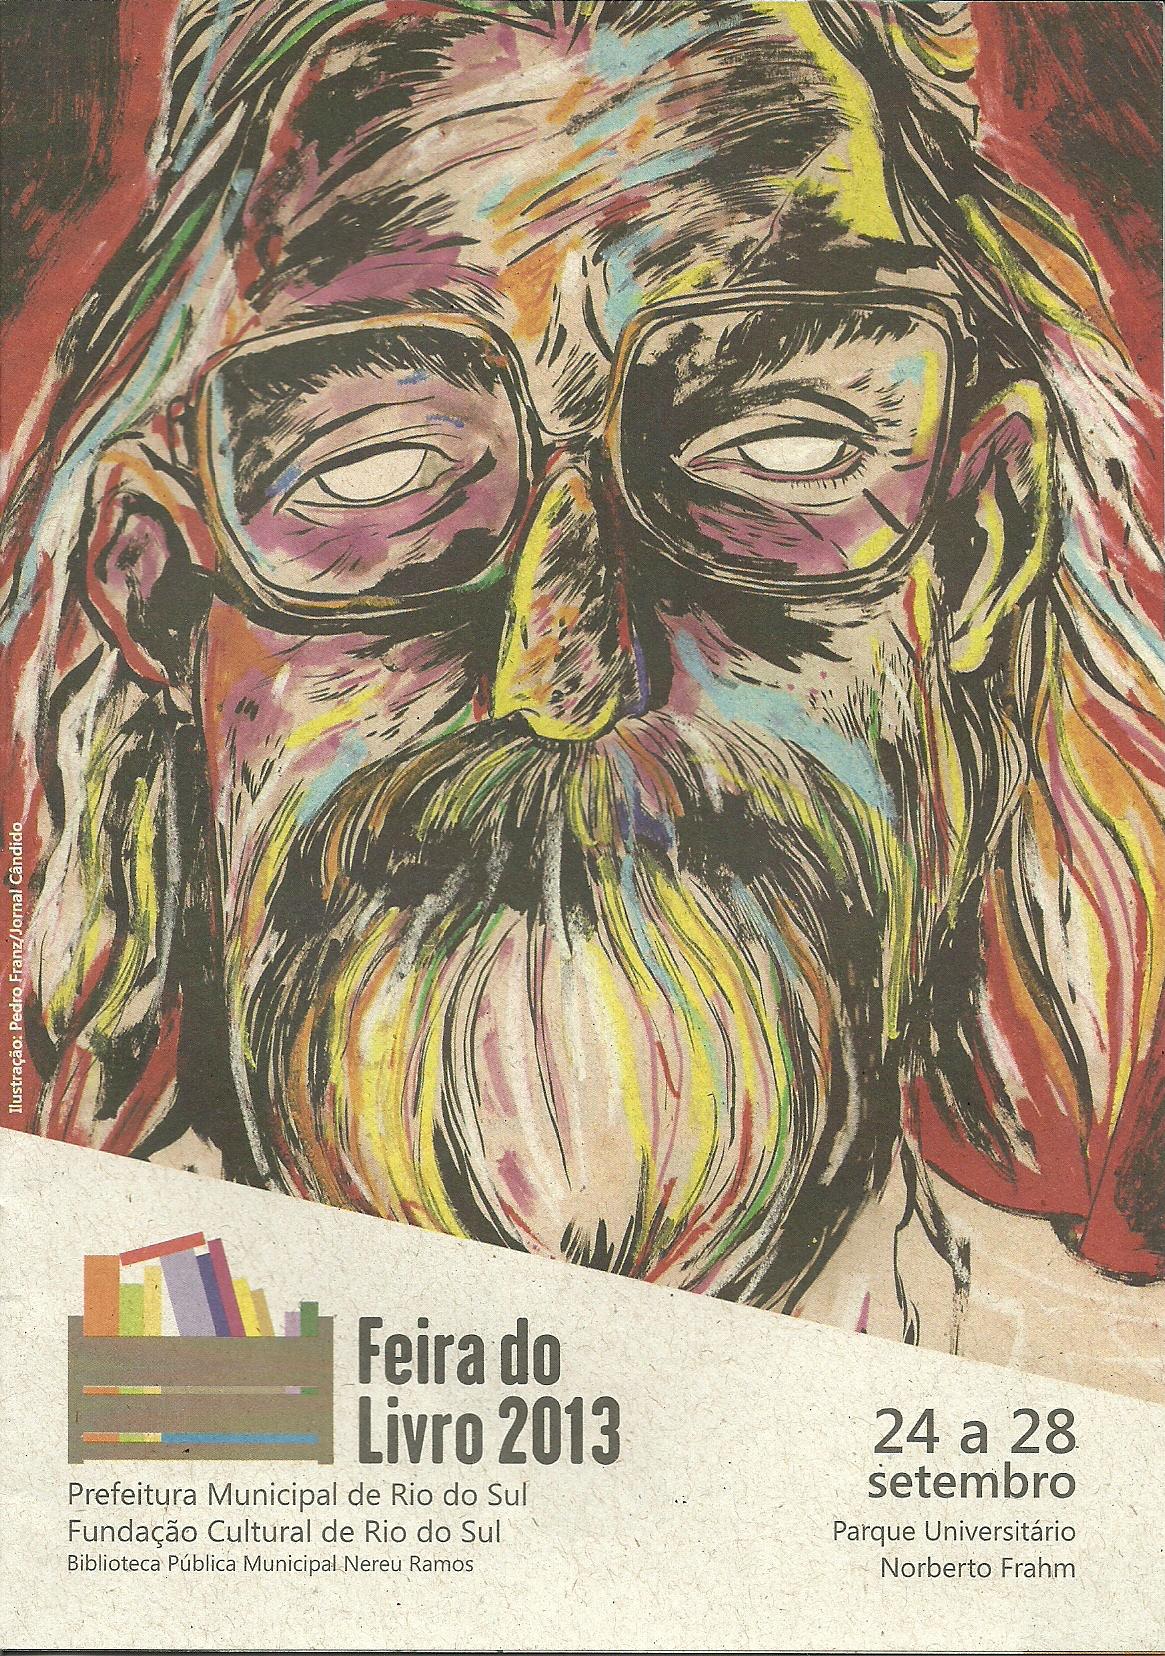 Feira do Livro - 2013